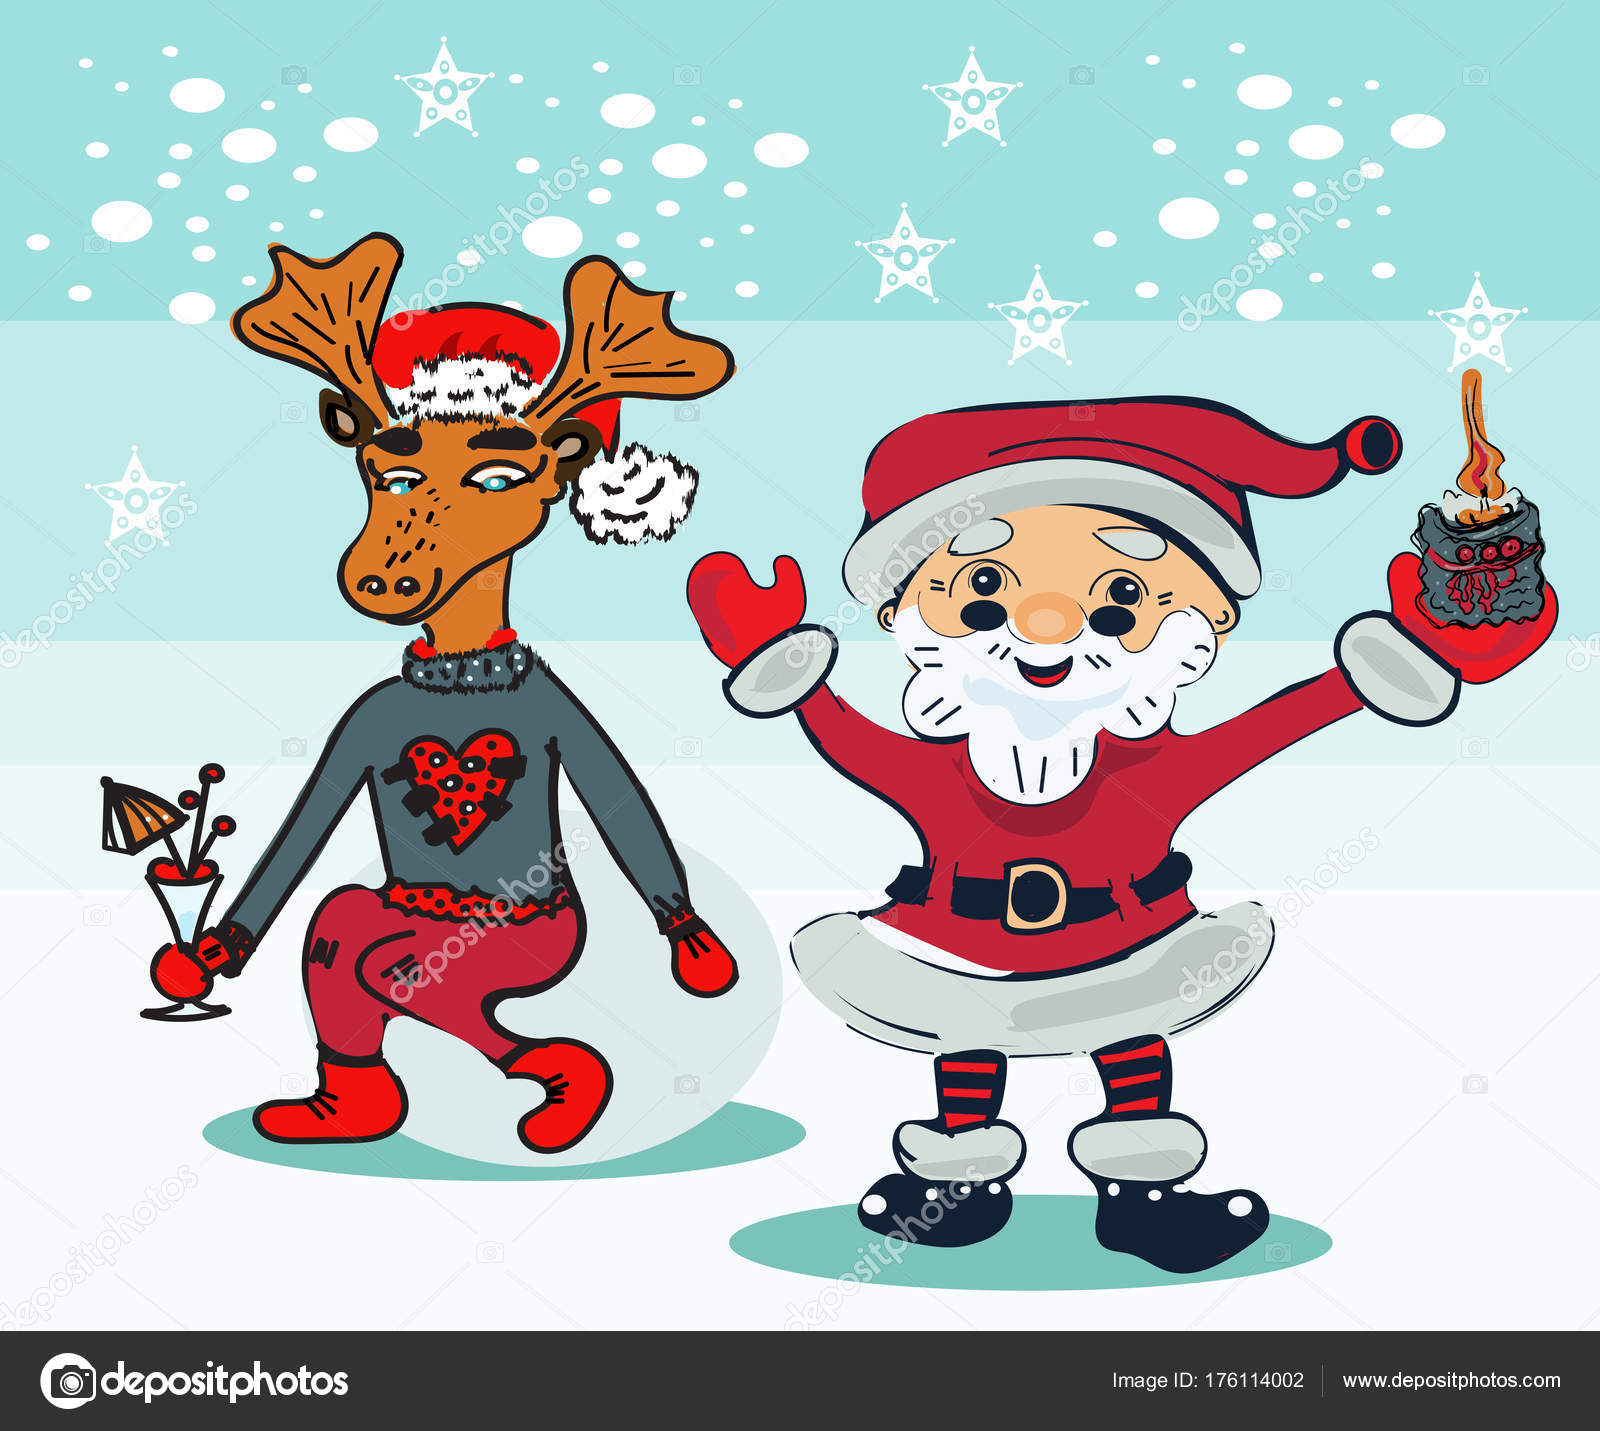 Immagini Simpatiche Babbo Natale.Sfondo Natale Divertente Fumetto Santa Con Divertenti